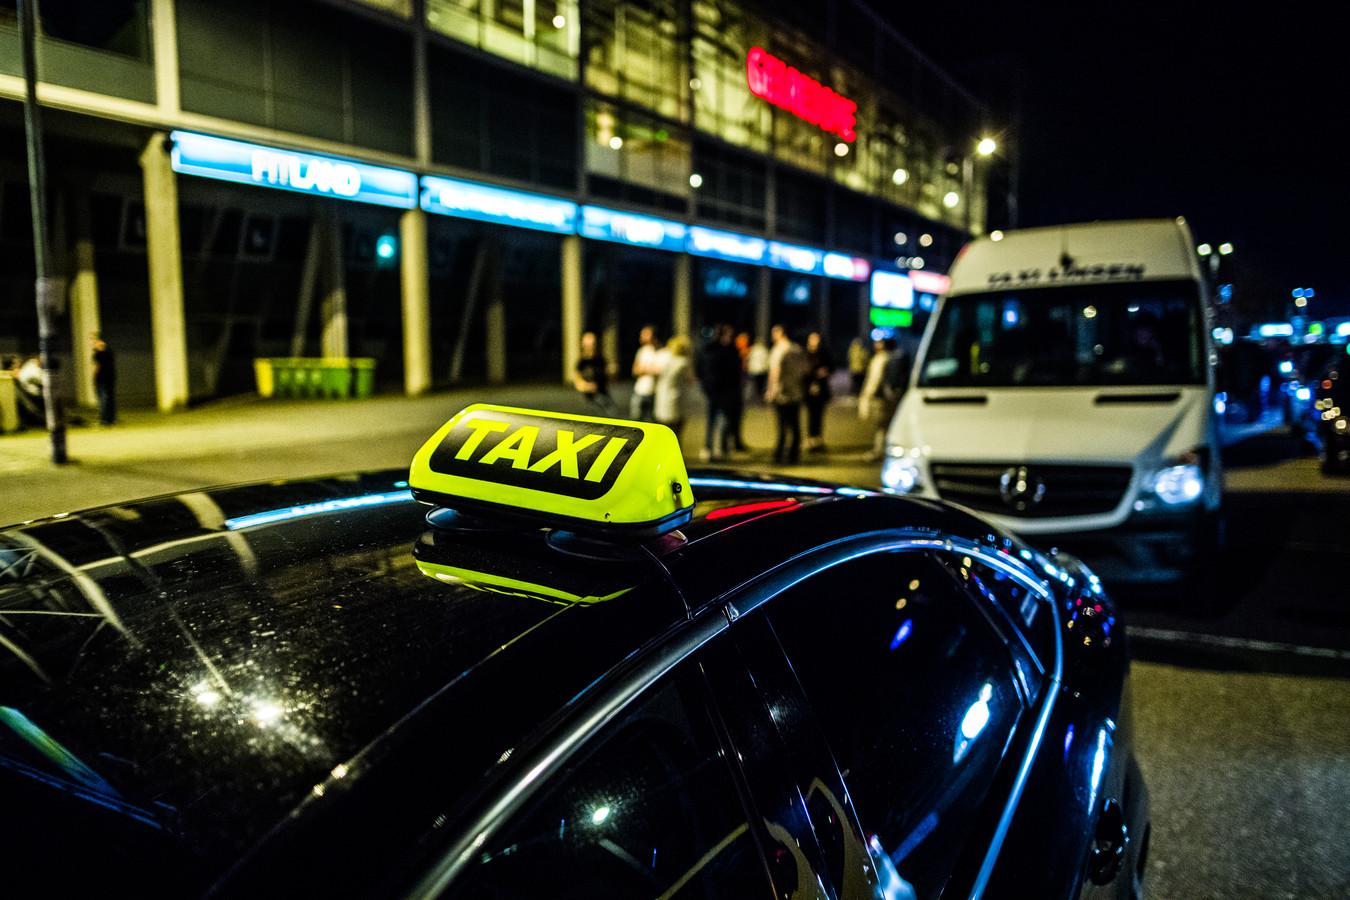 Taxi bij stadion GelreDome tijdens een groot evenement.